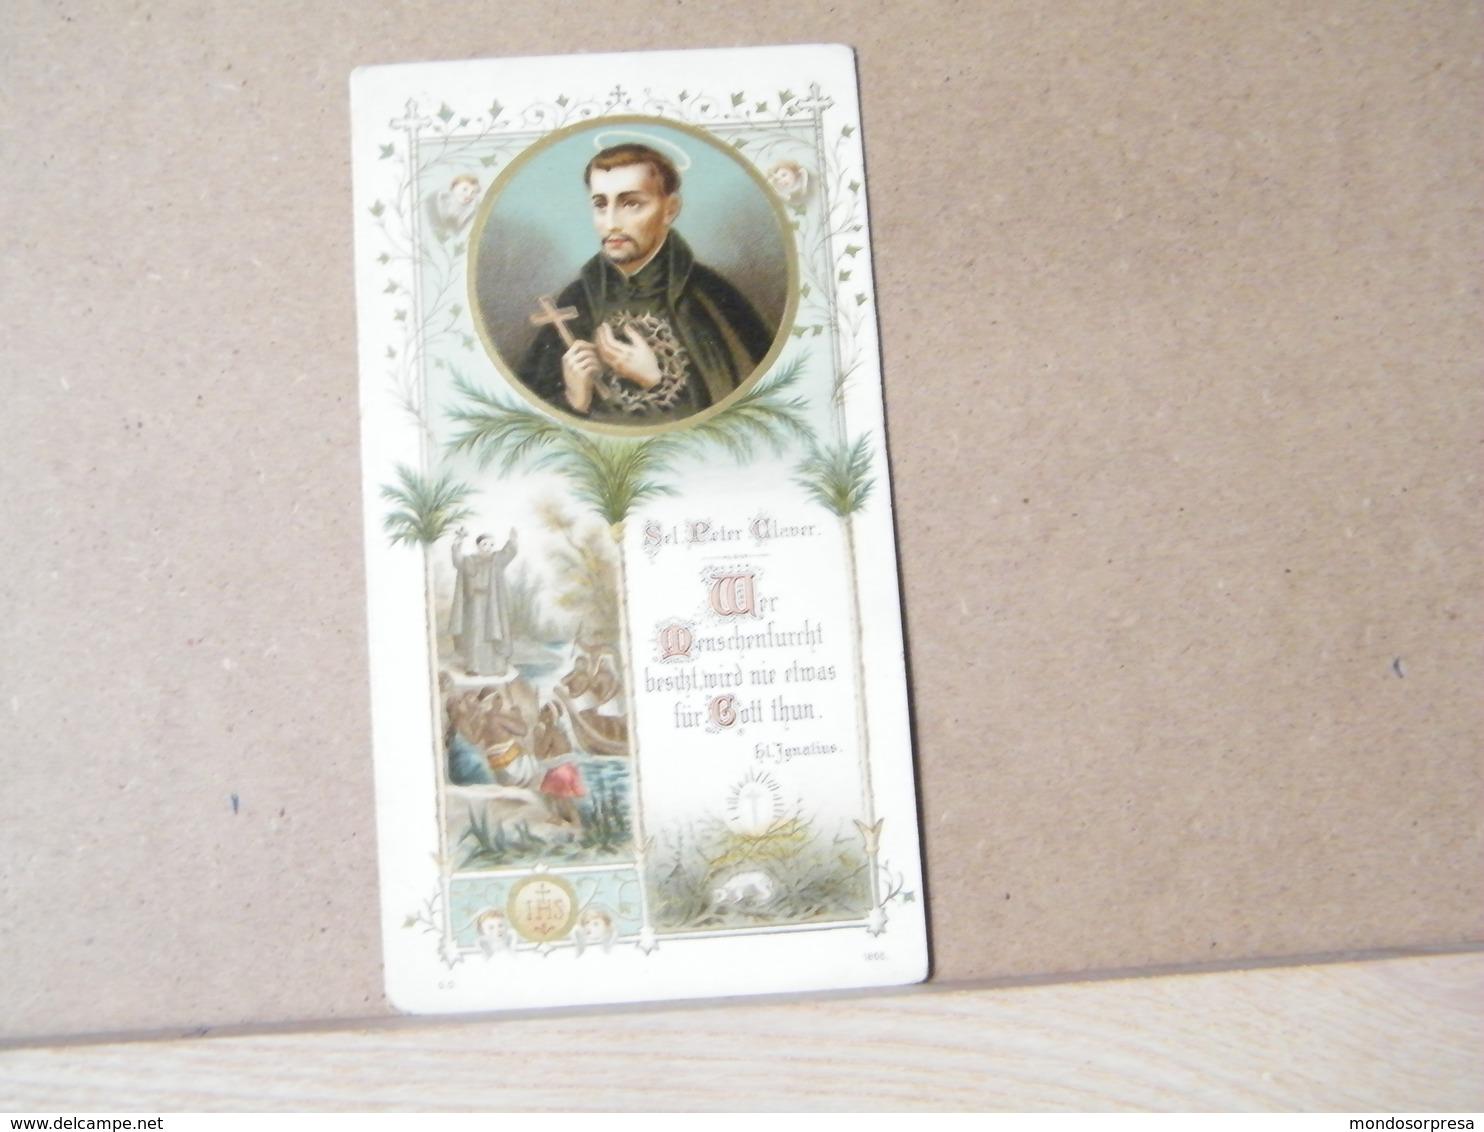 MONDOSORPRESA, (ST140) SANTINO, SANTINI, PIETRO CLAVER, PETER CLAVER - Images Religieuses